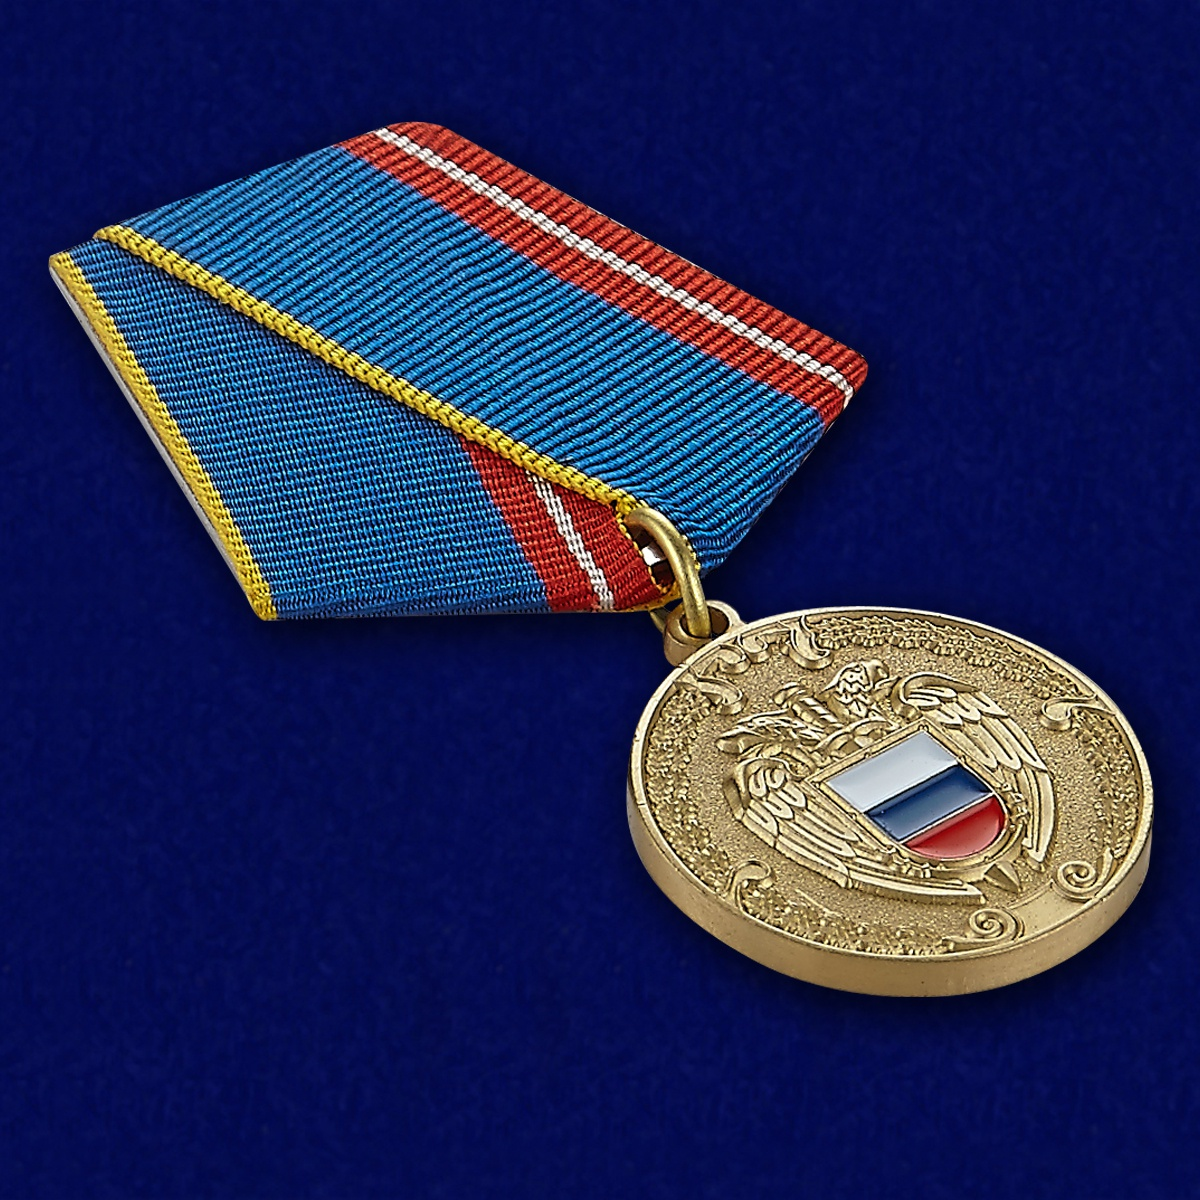 Медаль ФСО РФ За воинскую доблесть в бархатном футляре - Общий вид